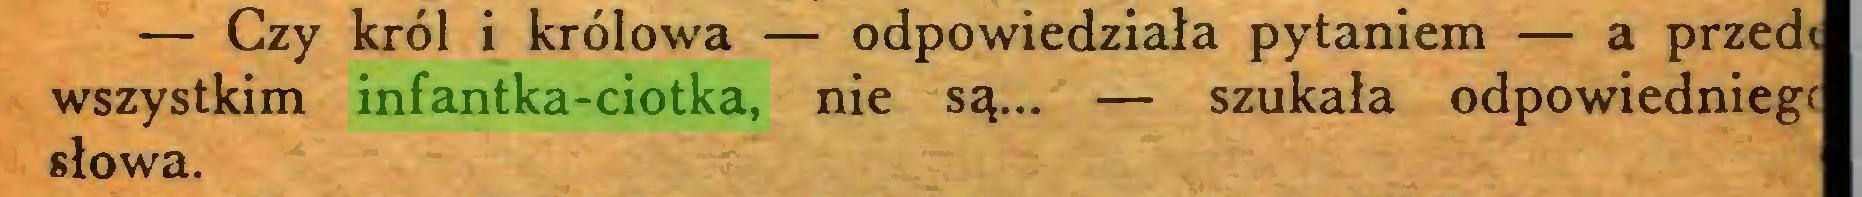 (...) — Czy król i królowa — odpowiedziała pytaniem — a przedt wszystkim infantka-ciotka, nie są... — szukała odpowiedniegf słowa...